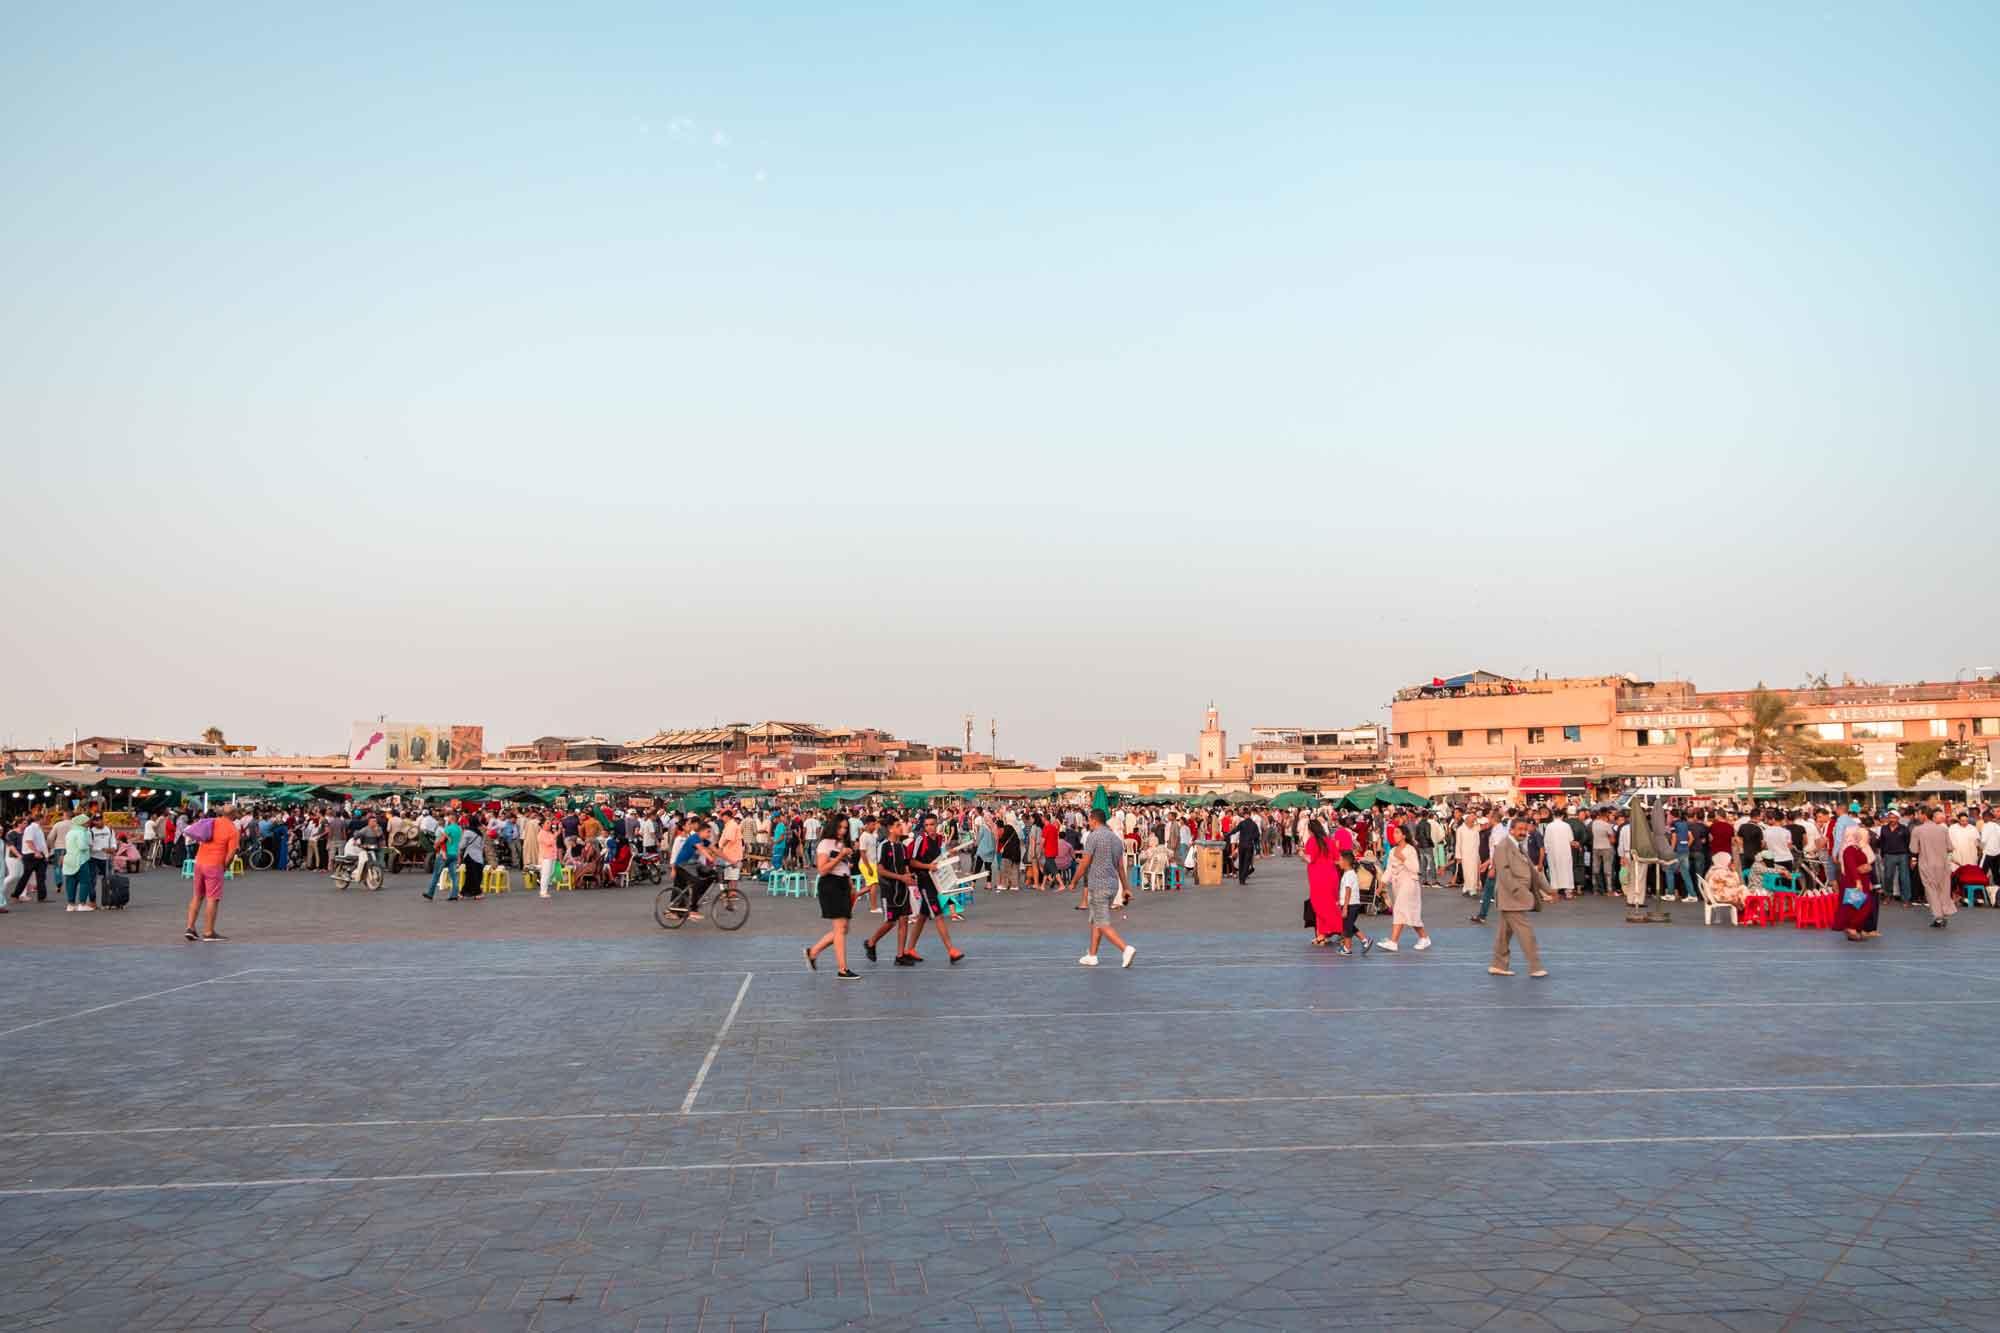 Pensieri-a-caldo-post-Marocco-Piazza-Jemaa-El-Fna